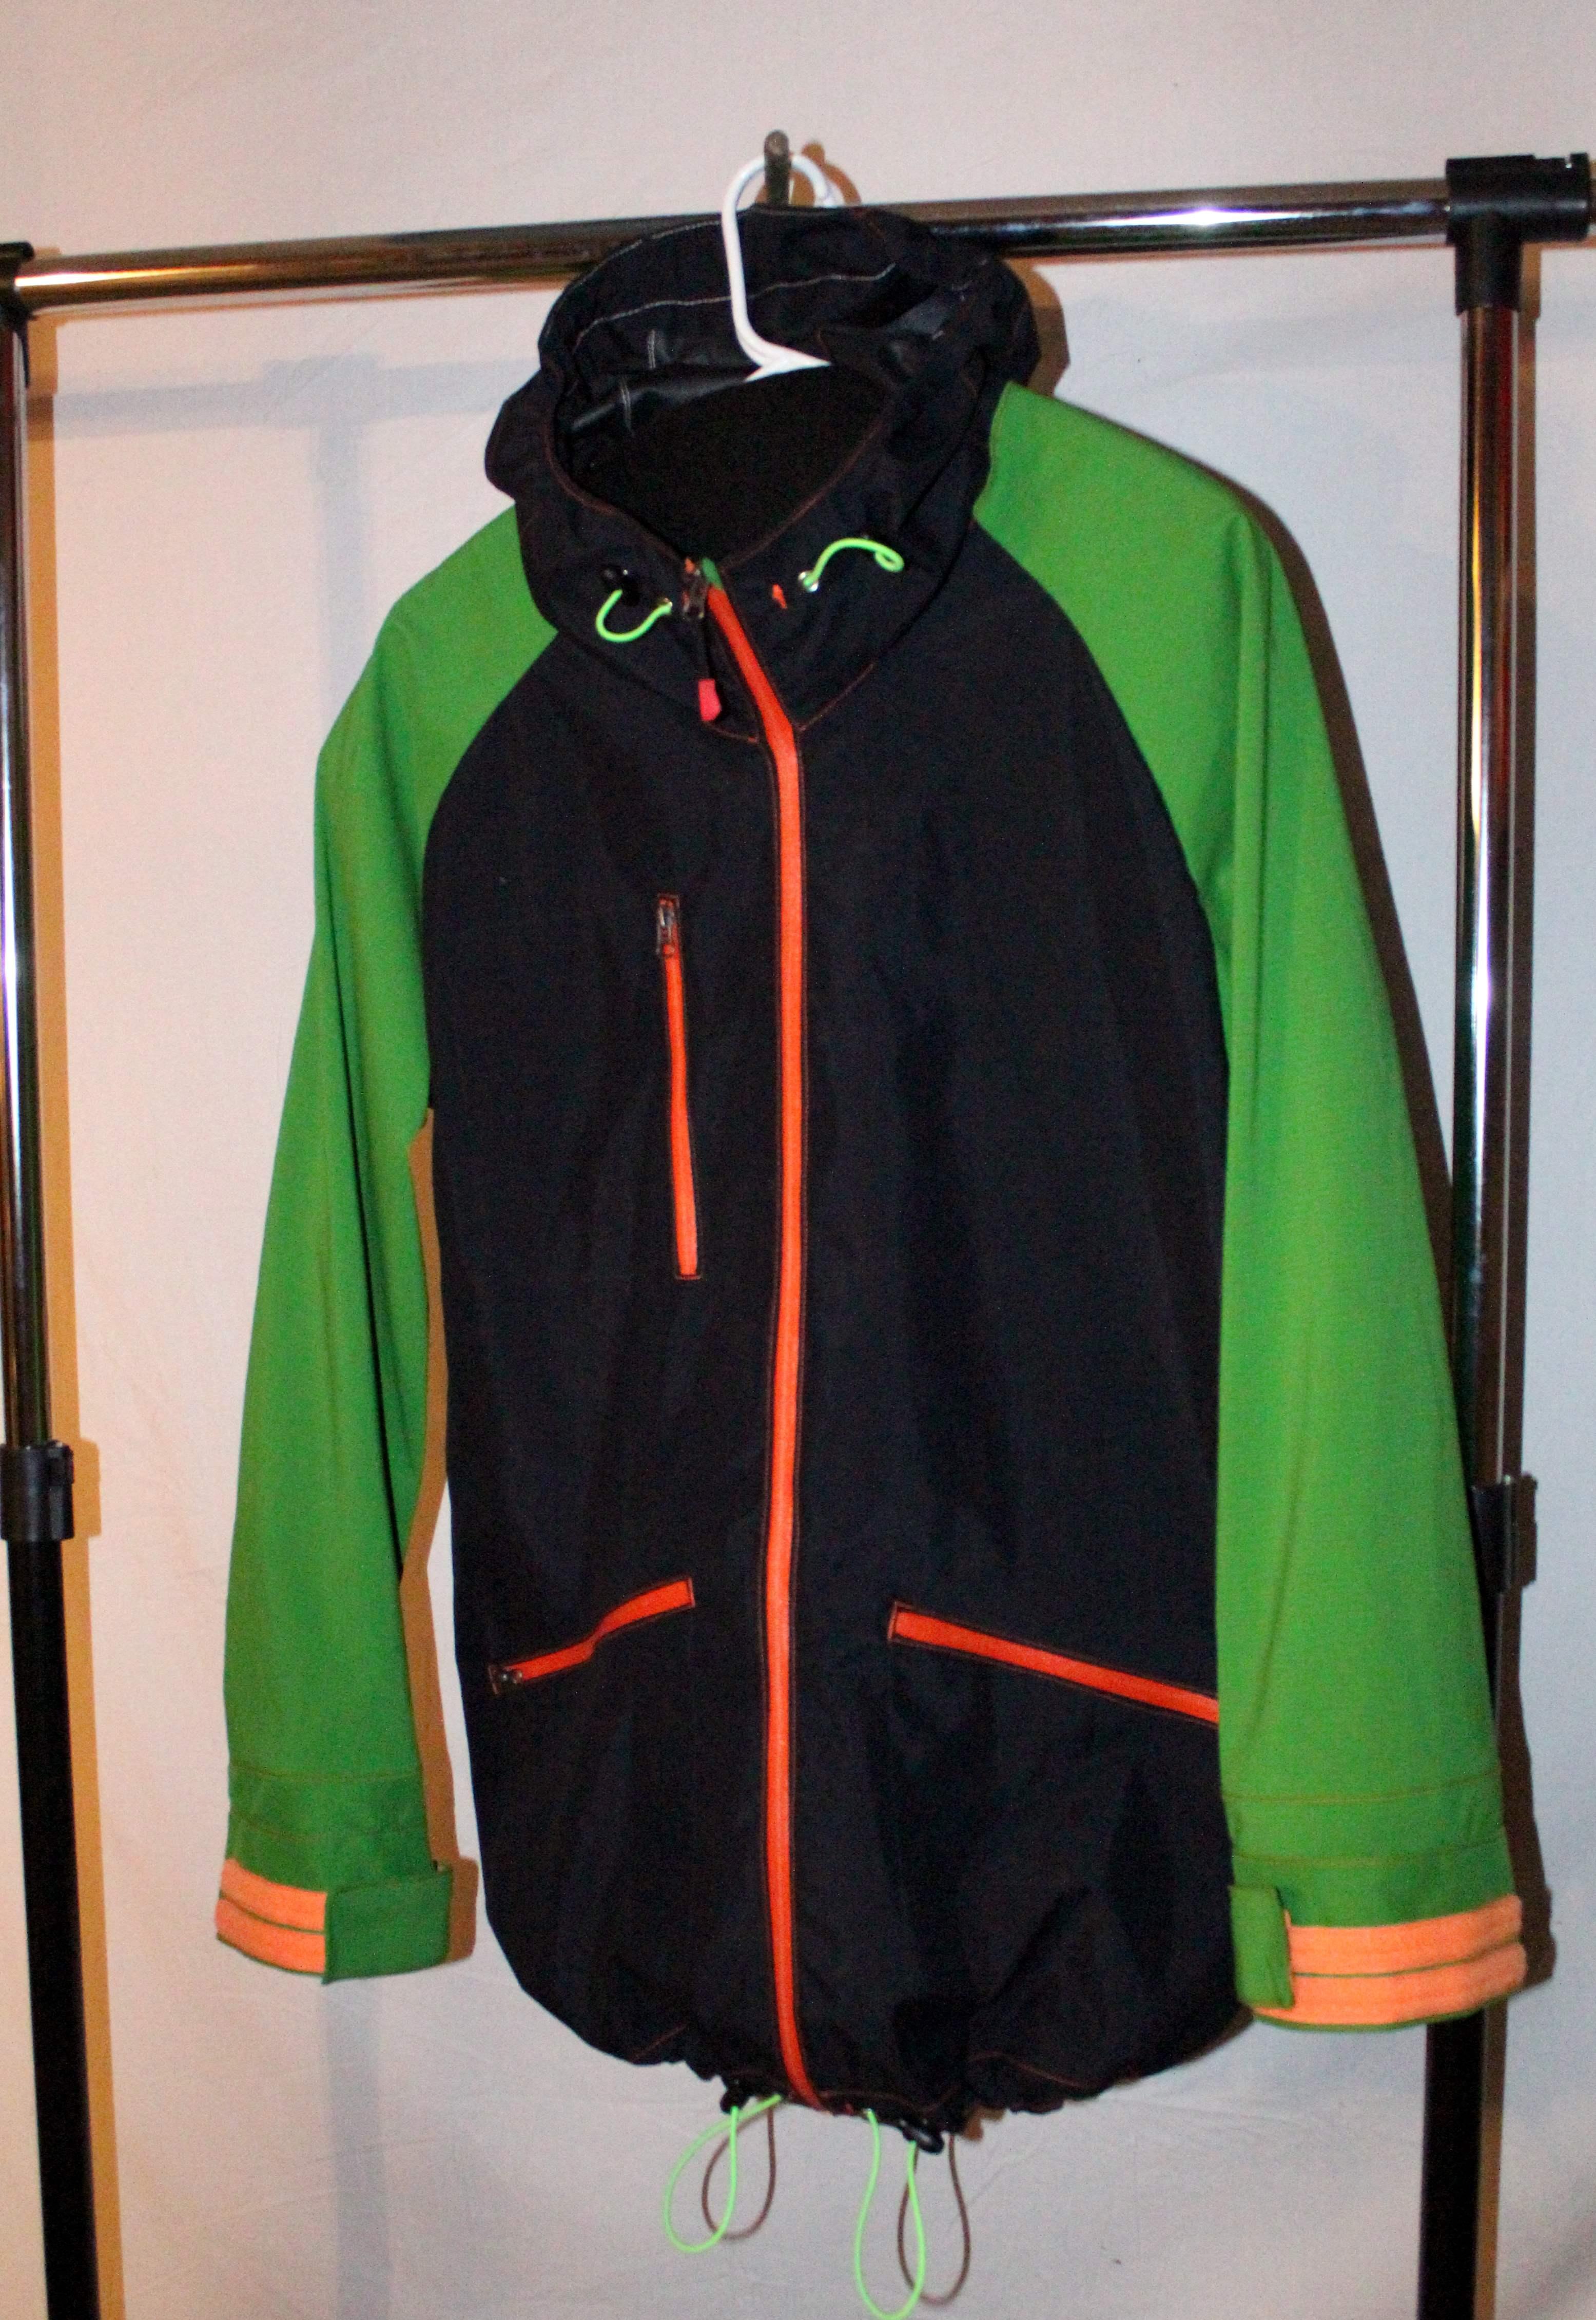 Wileys Jacket